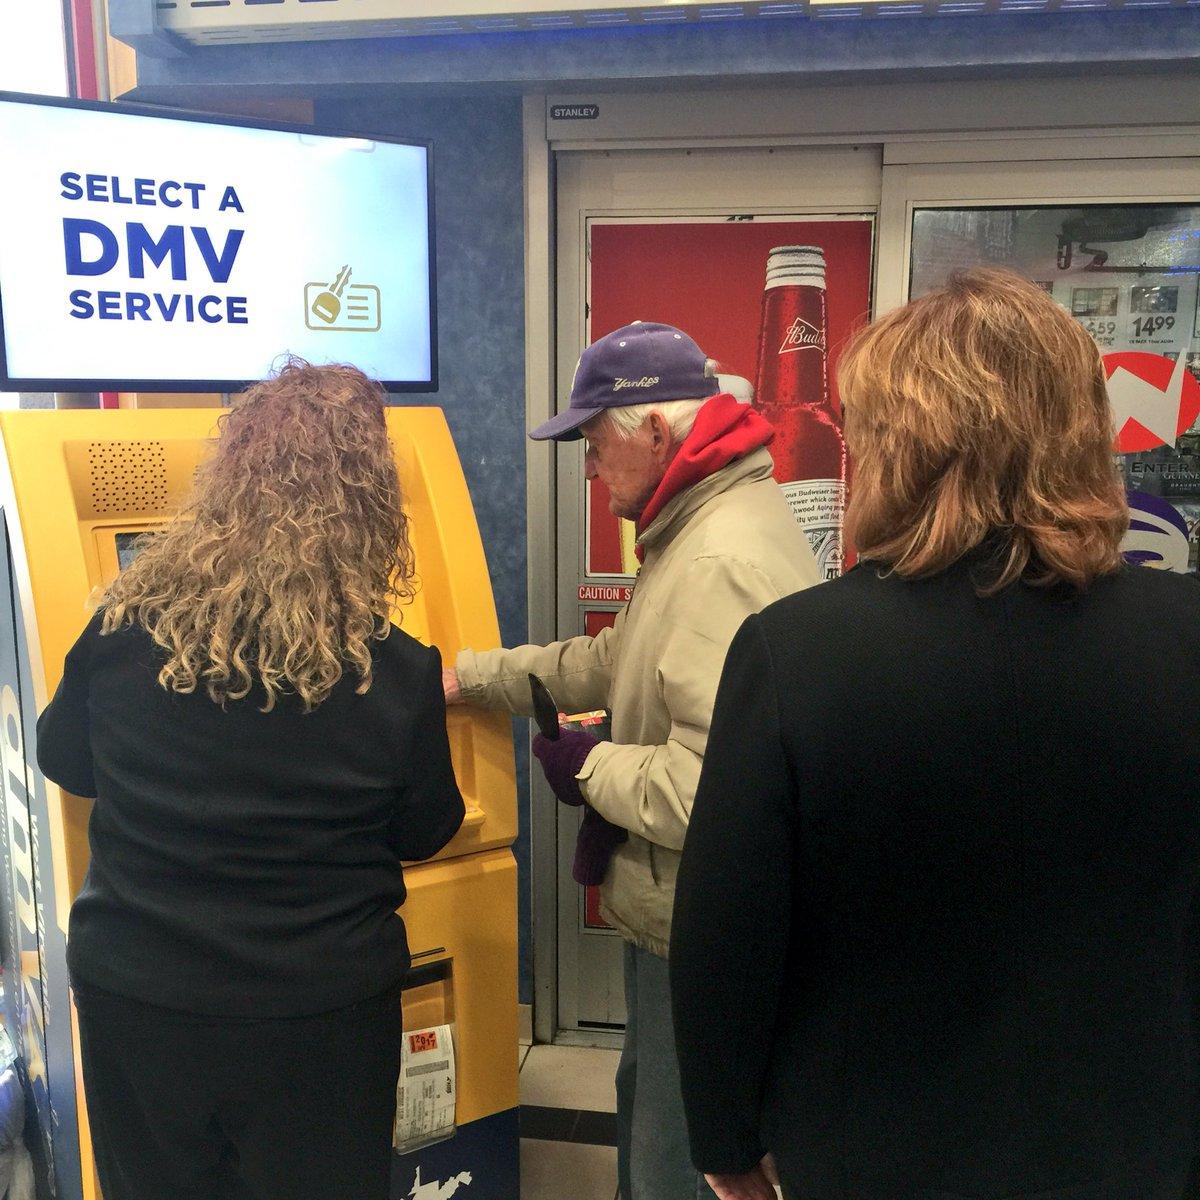 New DMV kiosk available in Sheetz